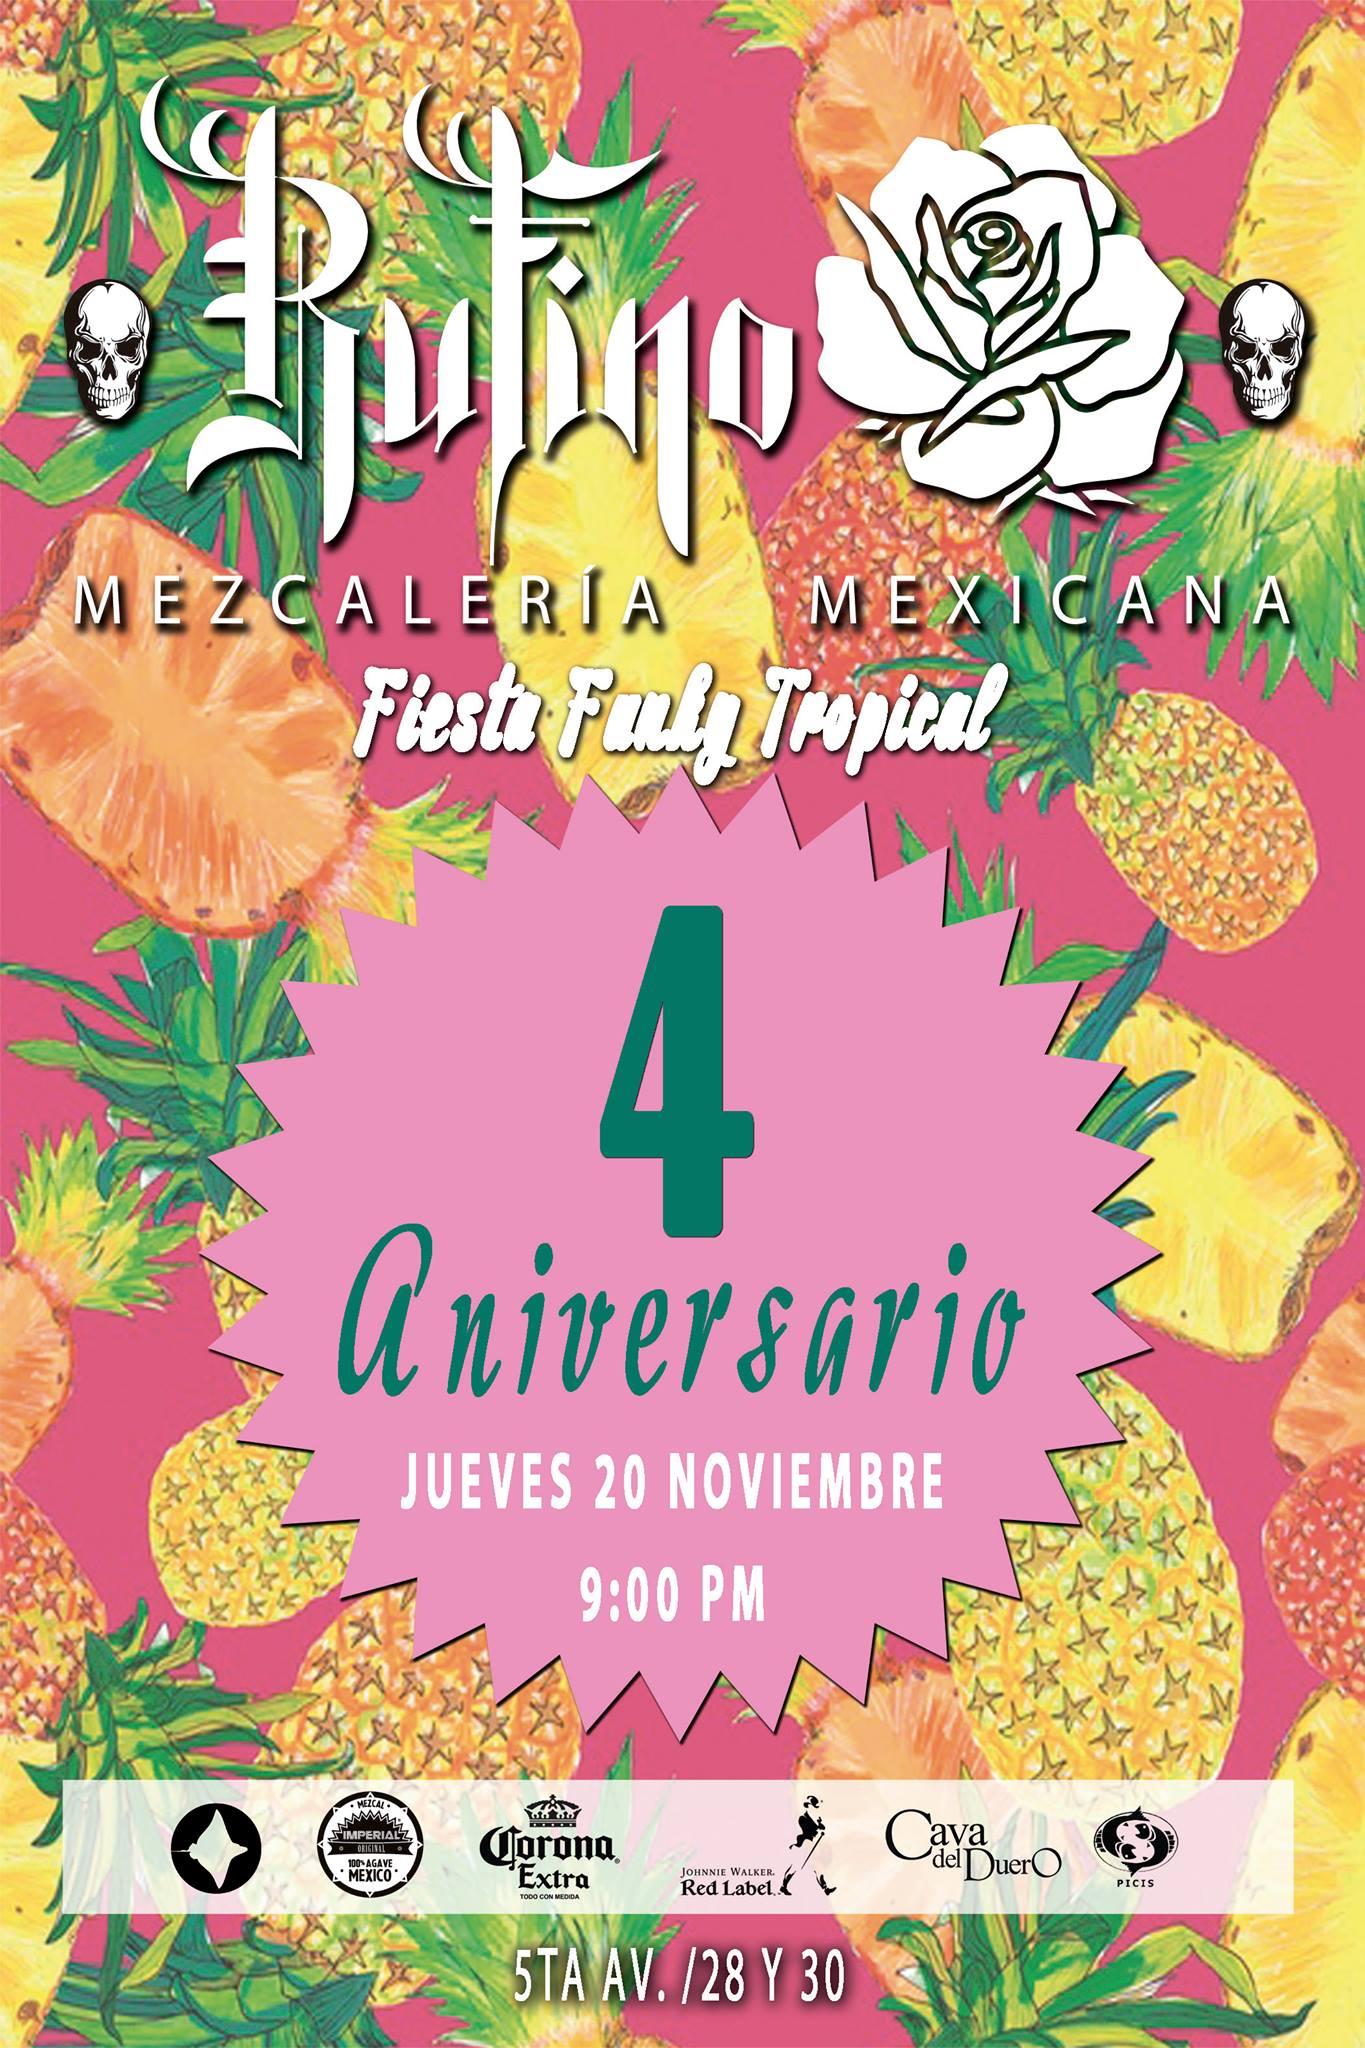 Fiesta de Aniversario de Rufino Mezcalería